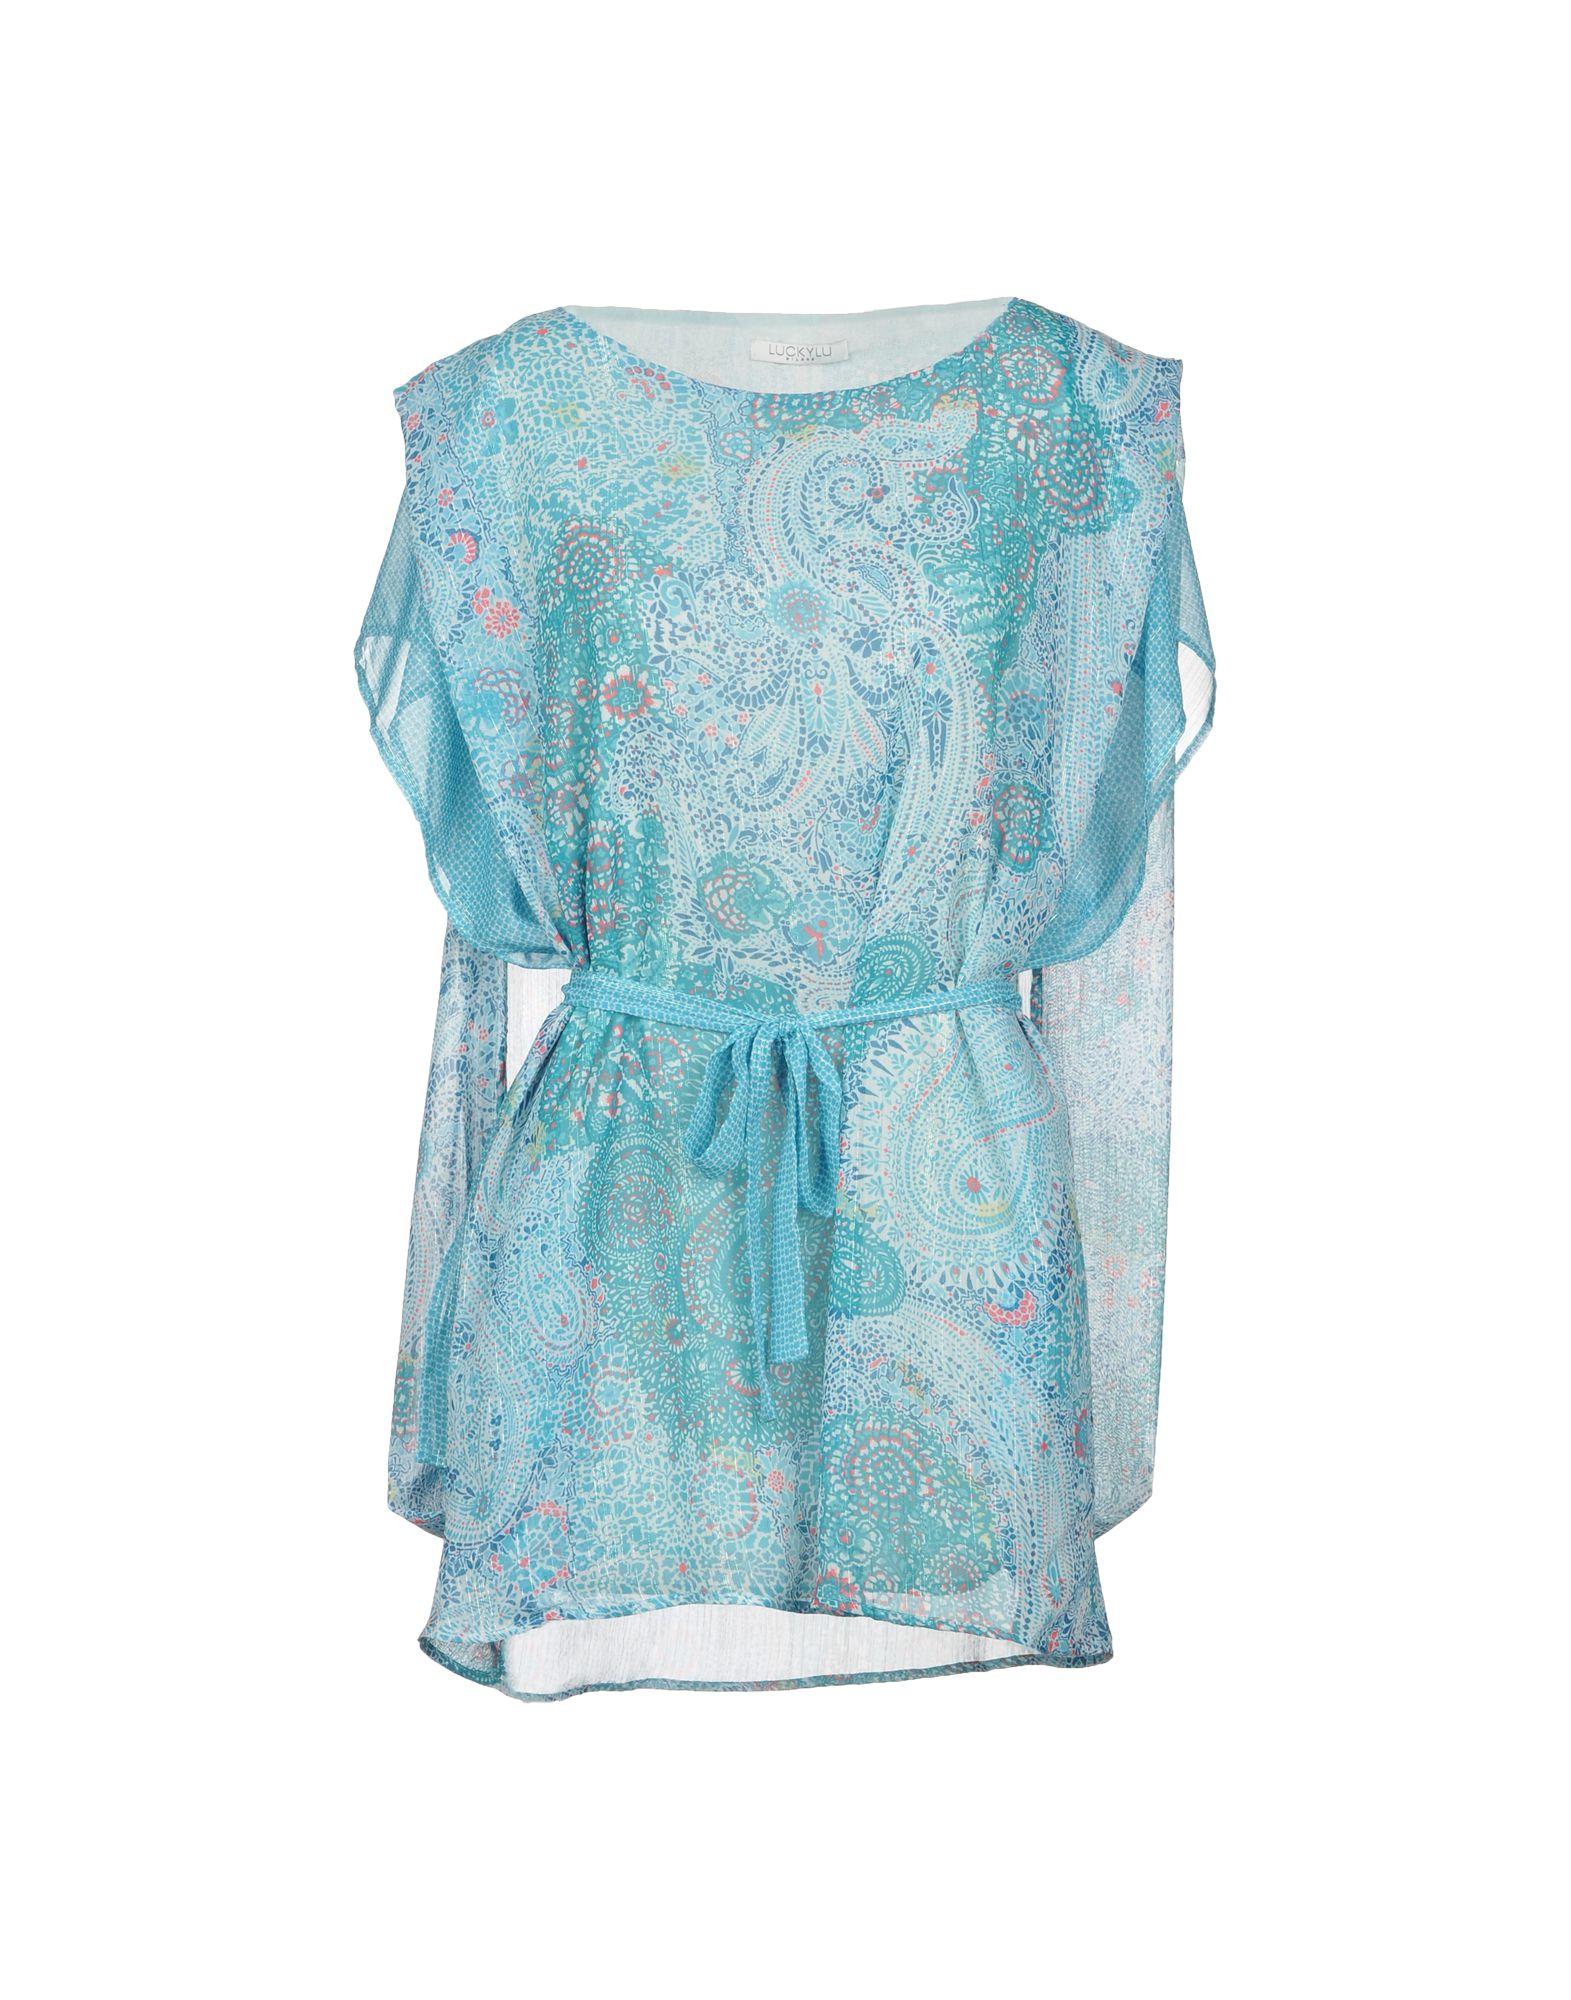 8d1432d115f9 Модная женская одежда популярных брендов 2019 - TriatlonInfo